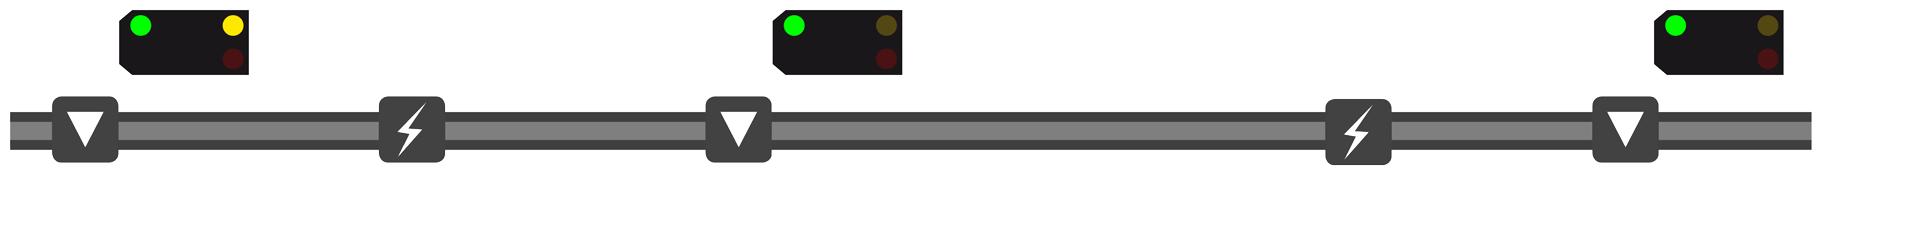 Visualisierung der ALAN Blocksignalisierung - Bild 18 von 18